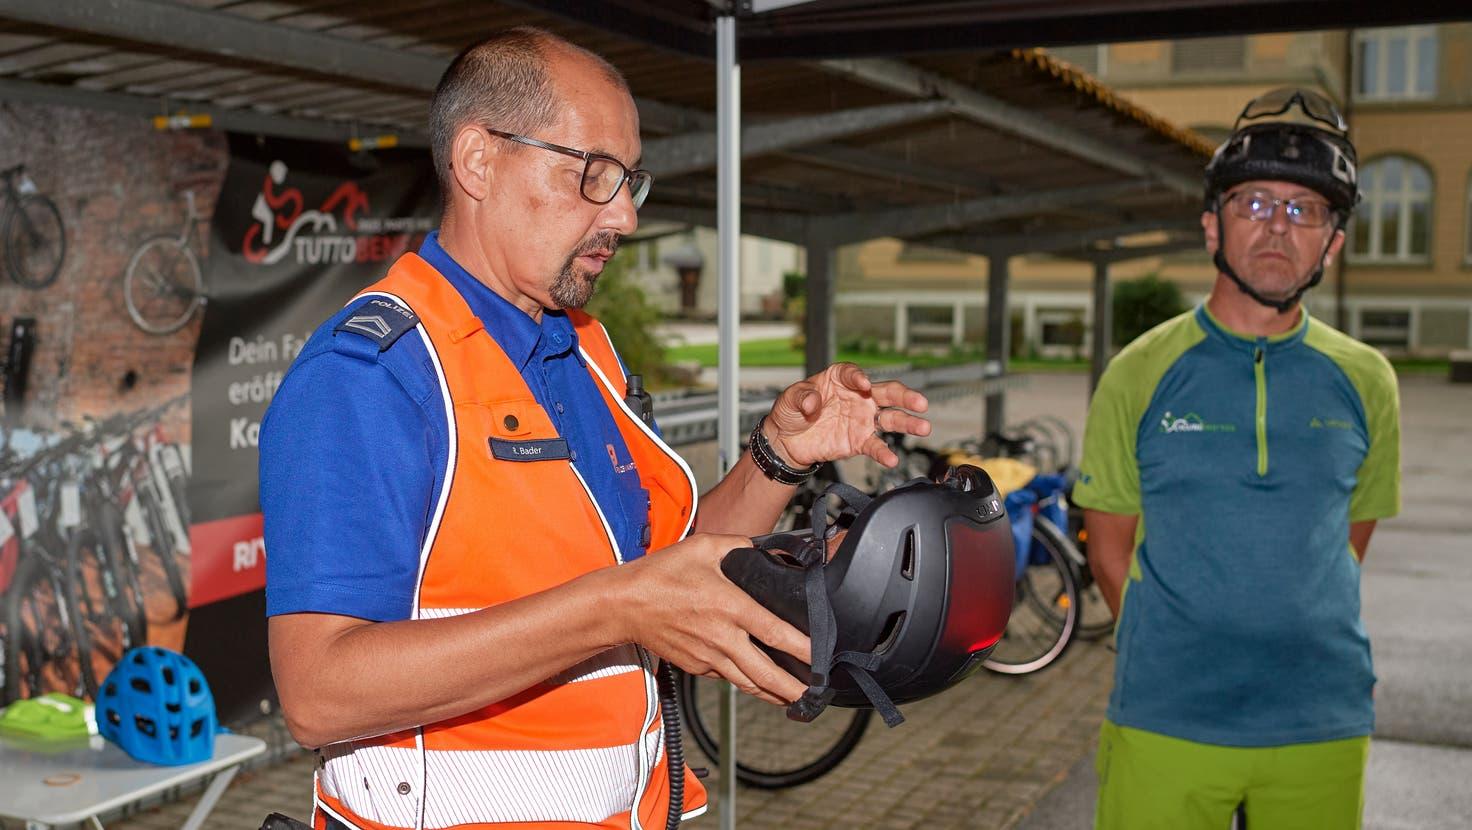 Kantonspolizist Roger Bader erklärt, was zu einer sicheren Ausrüstung dazugehört. Kursleiter Theo Stauffer hört aufmerksamzu. (José R. Martinez)